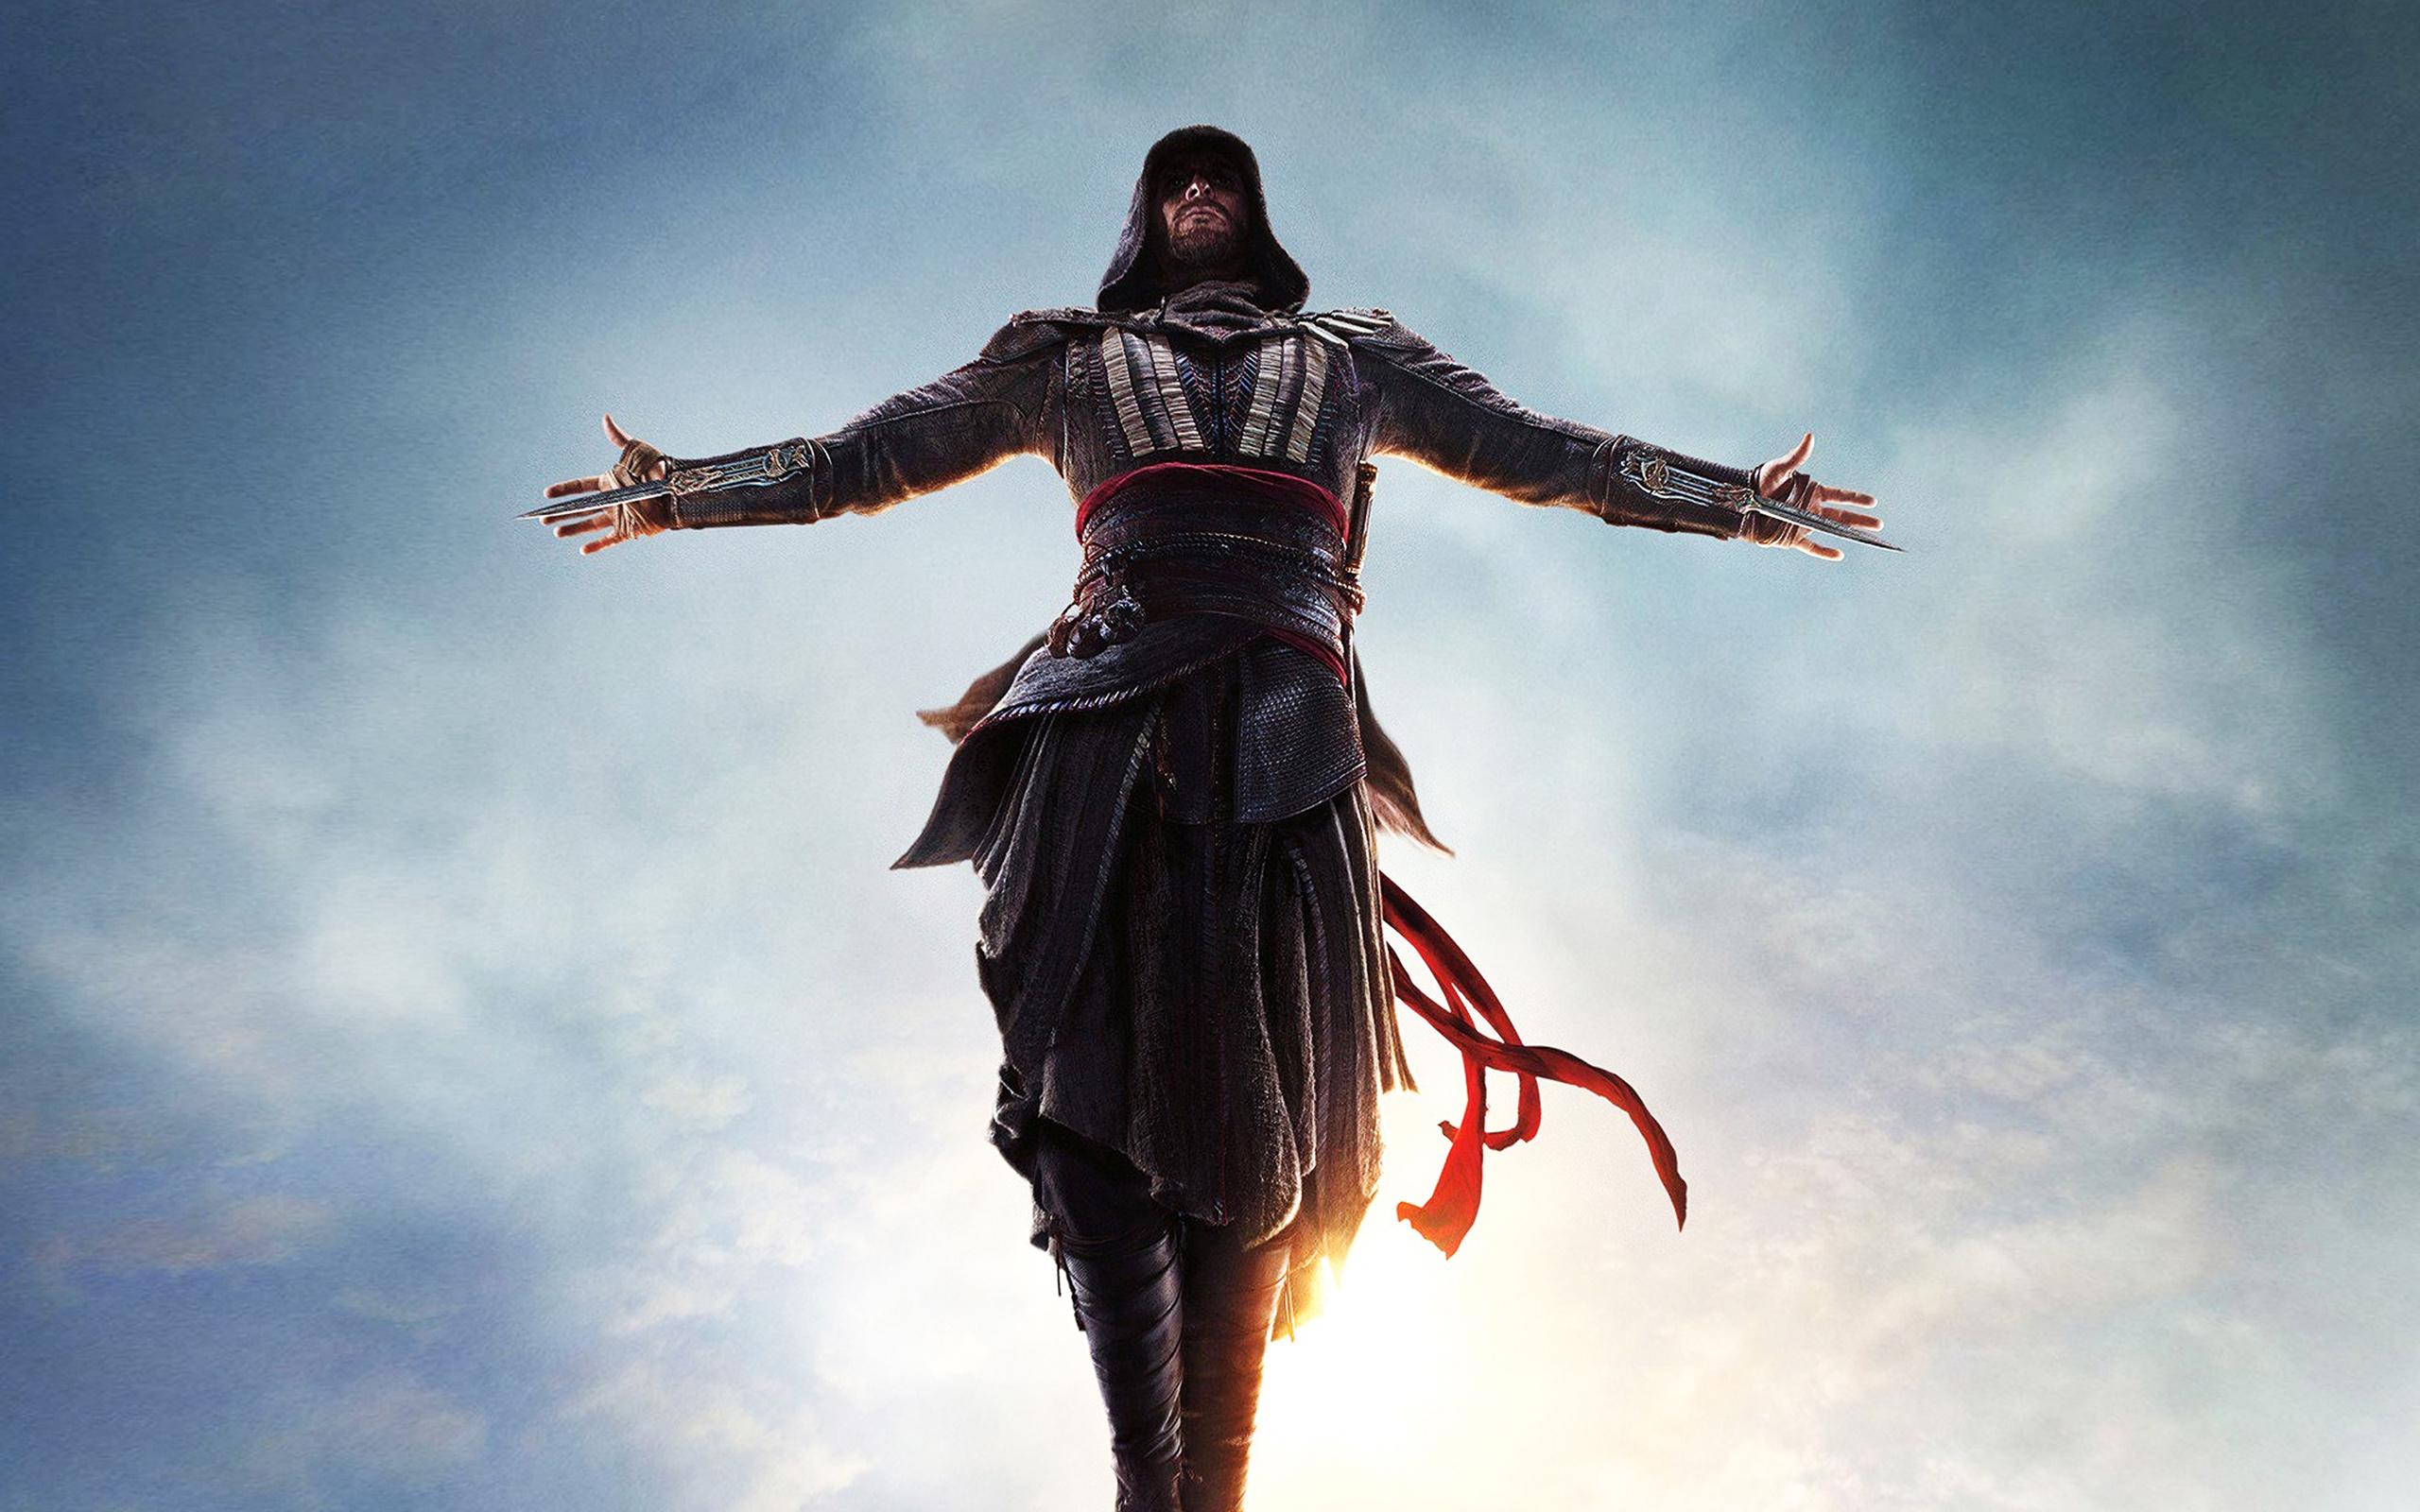 Assassins creed. обои скачать